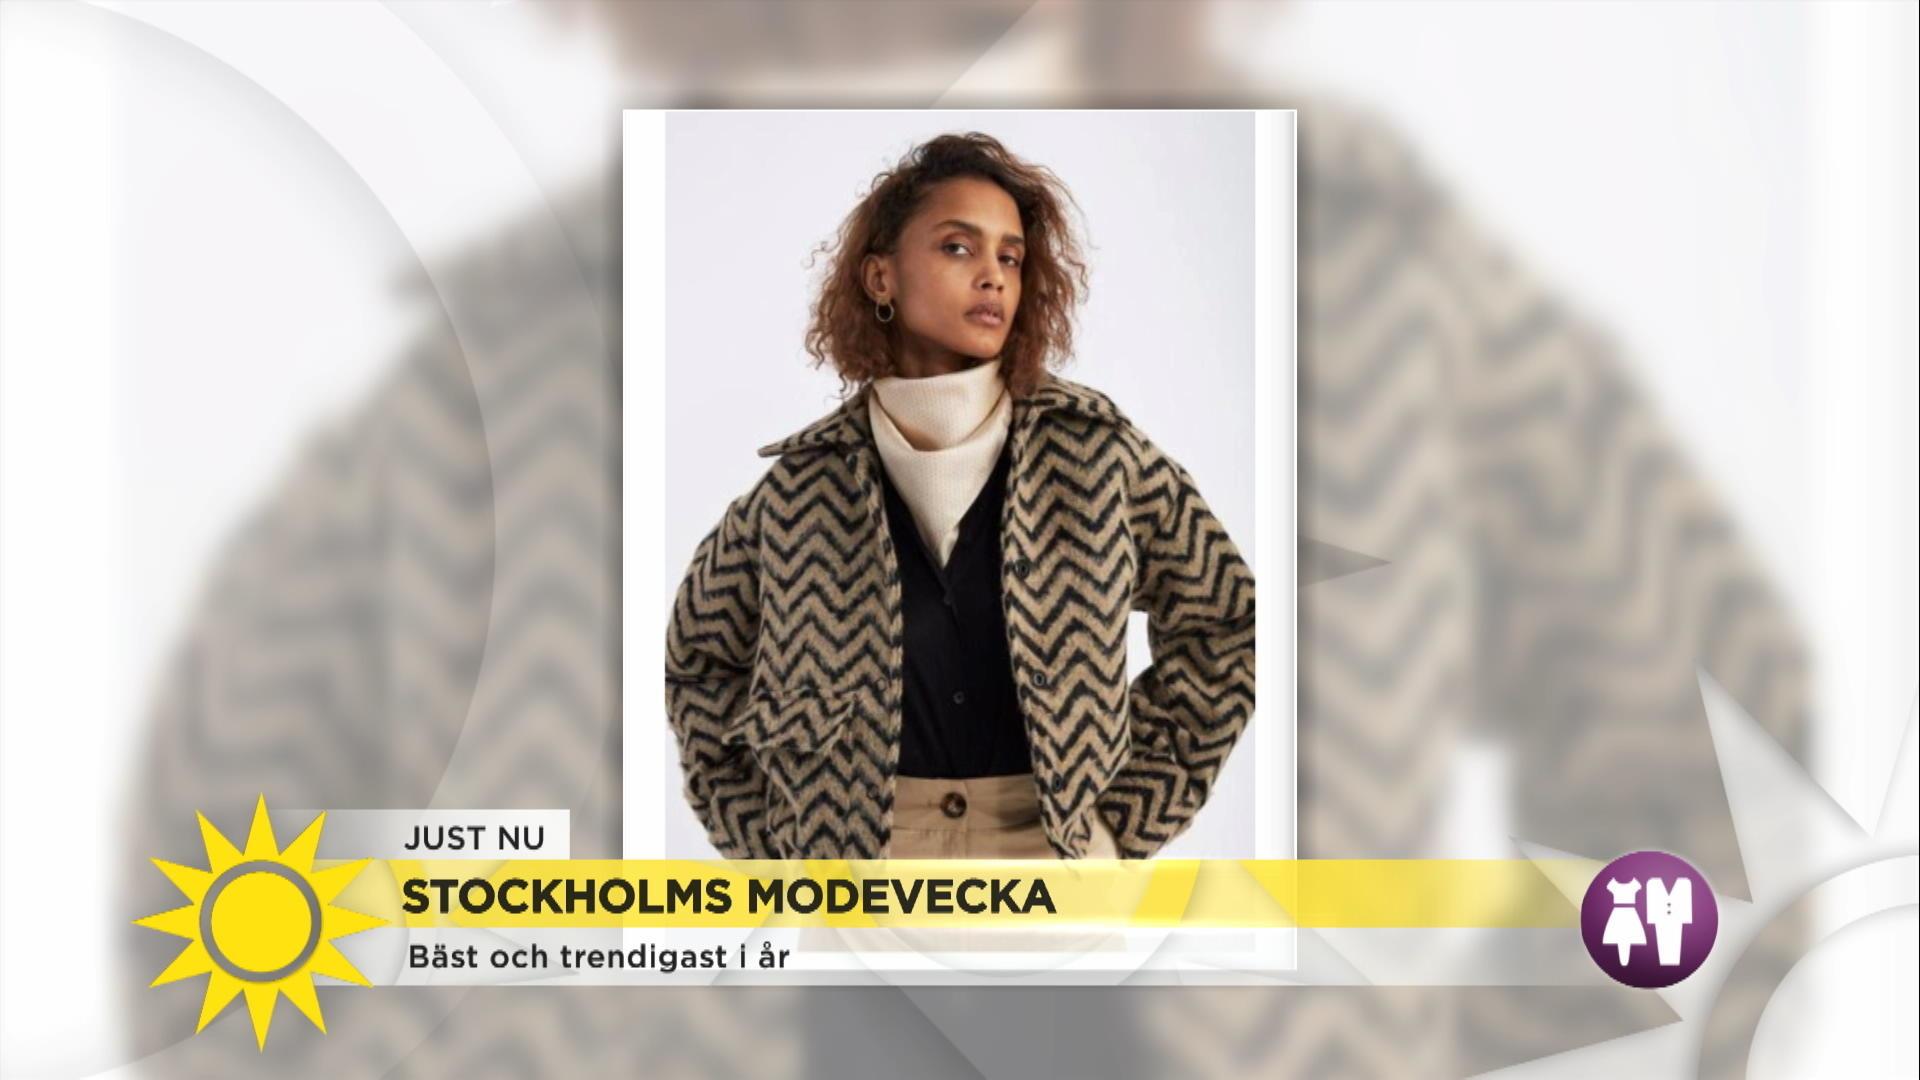 69fe4e93cdf9 Stockholms modevecka: